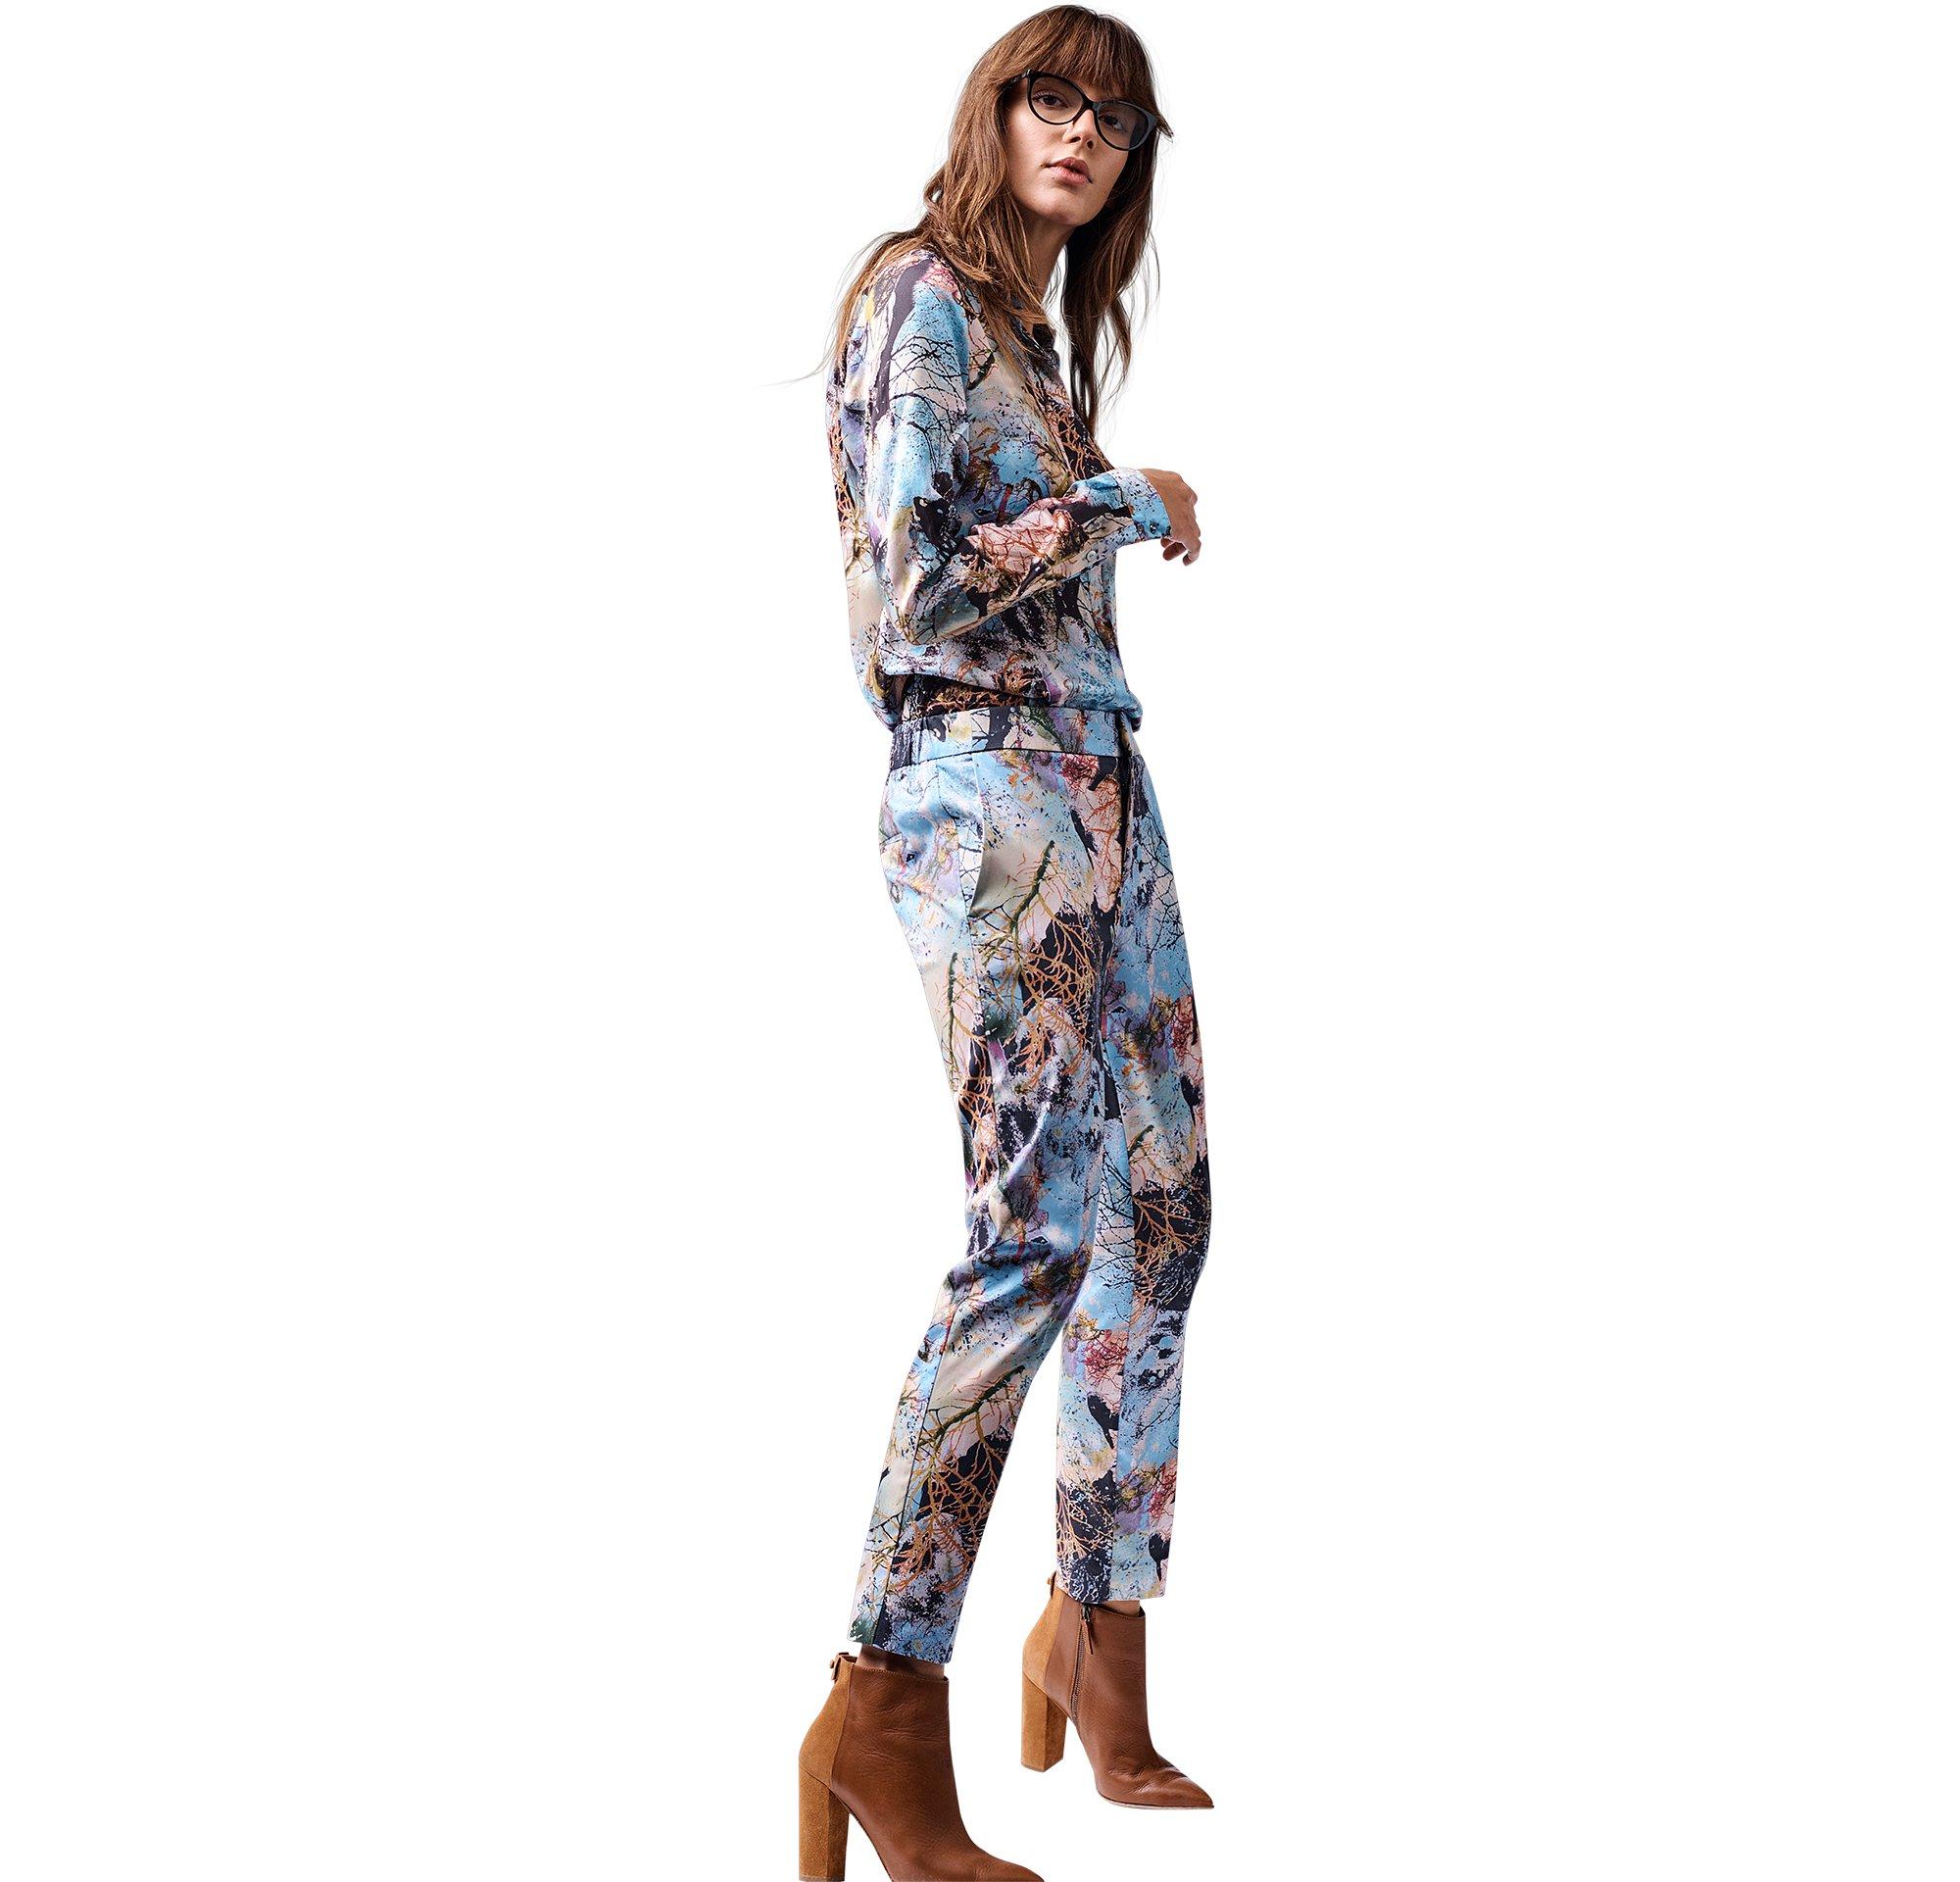 BOSS_ORANGE_Women_PF17_Look_3